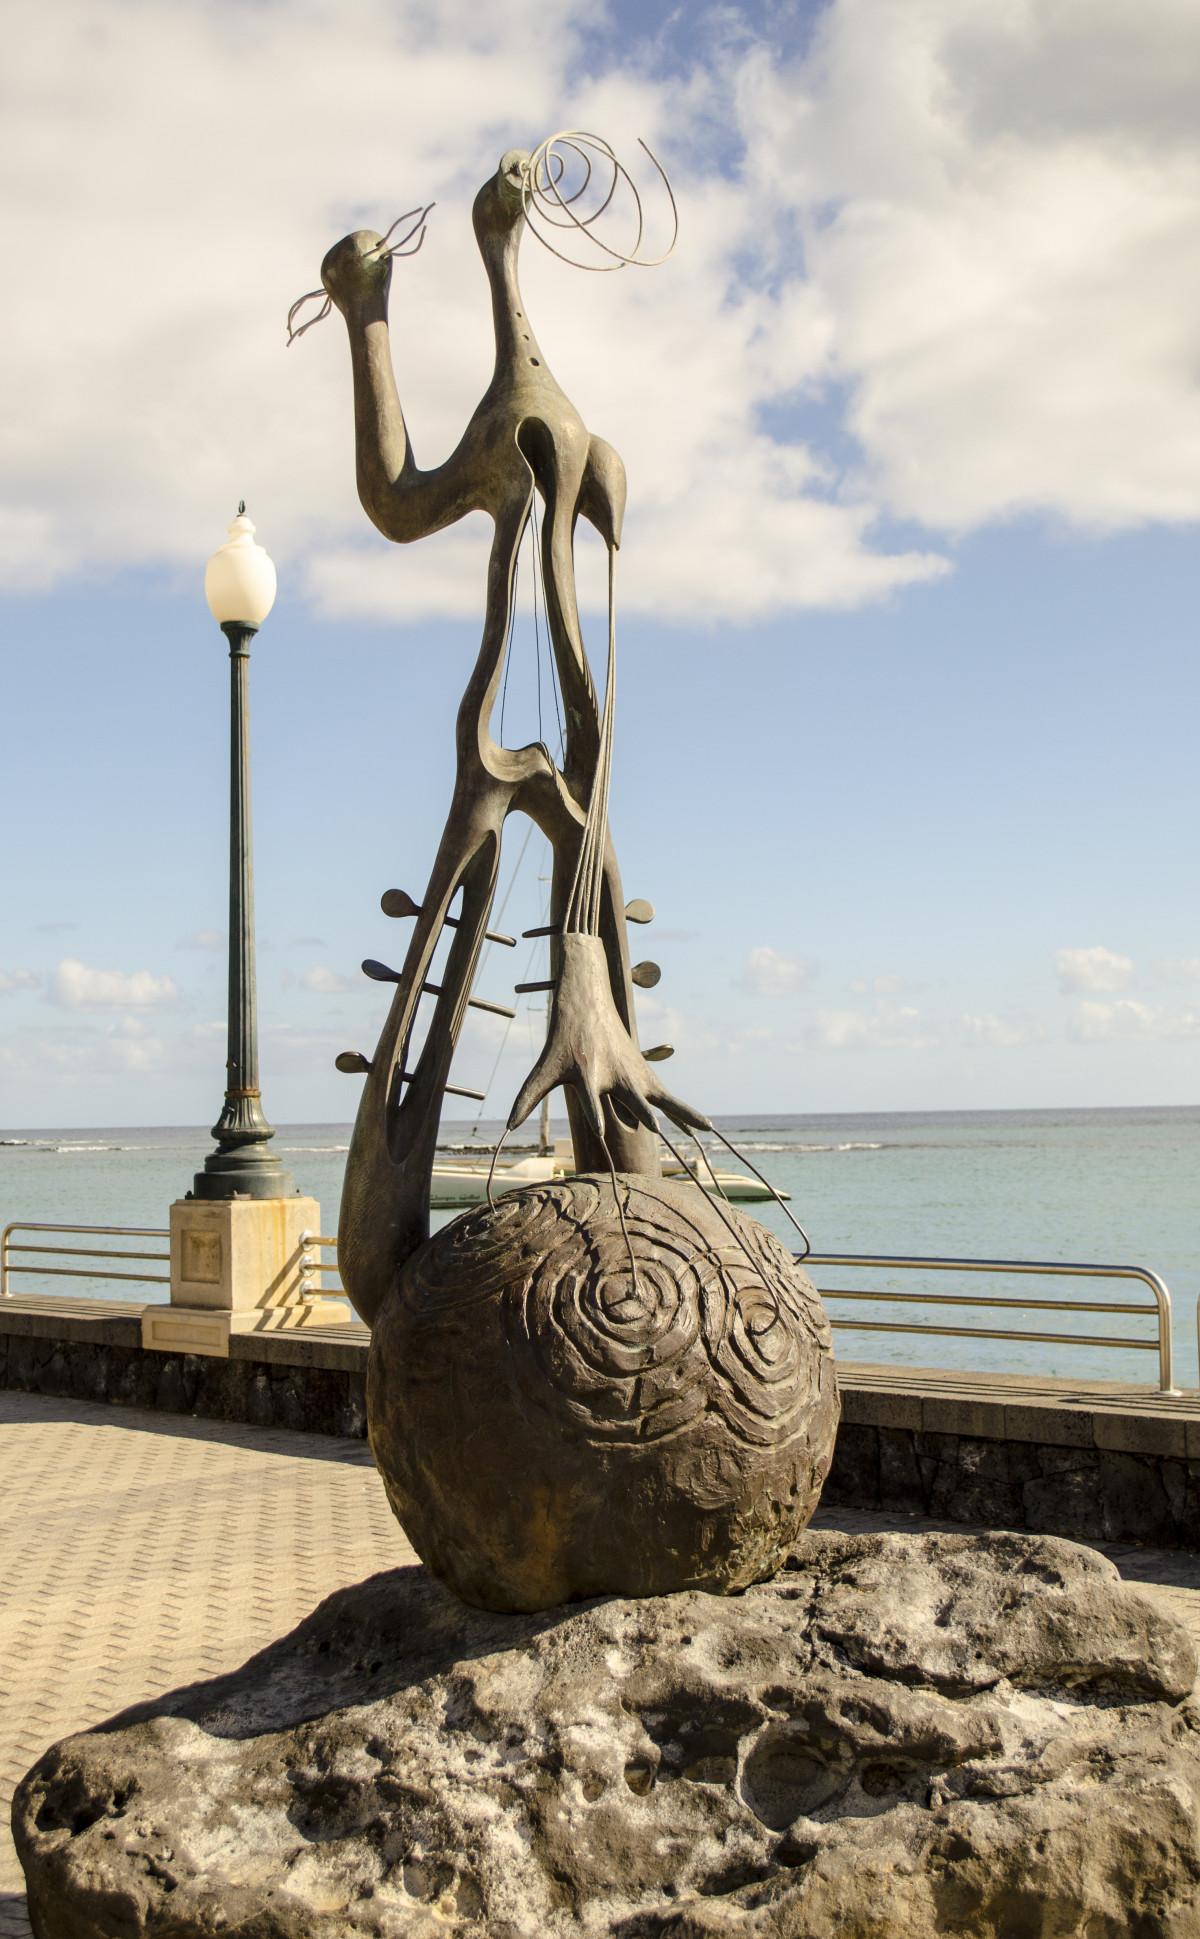 Kostenlose Foto Meer Wasser Sand Rock Holz Monument Ferien Statue Symbol Wahrzeichen Tourismus Modern Skulptur Kunst Entwurf Lanzarote Cesar Manrique 3049x4928 688439 Kostenlose Bilder Pxhere